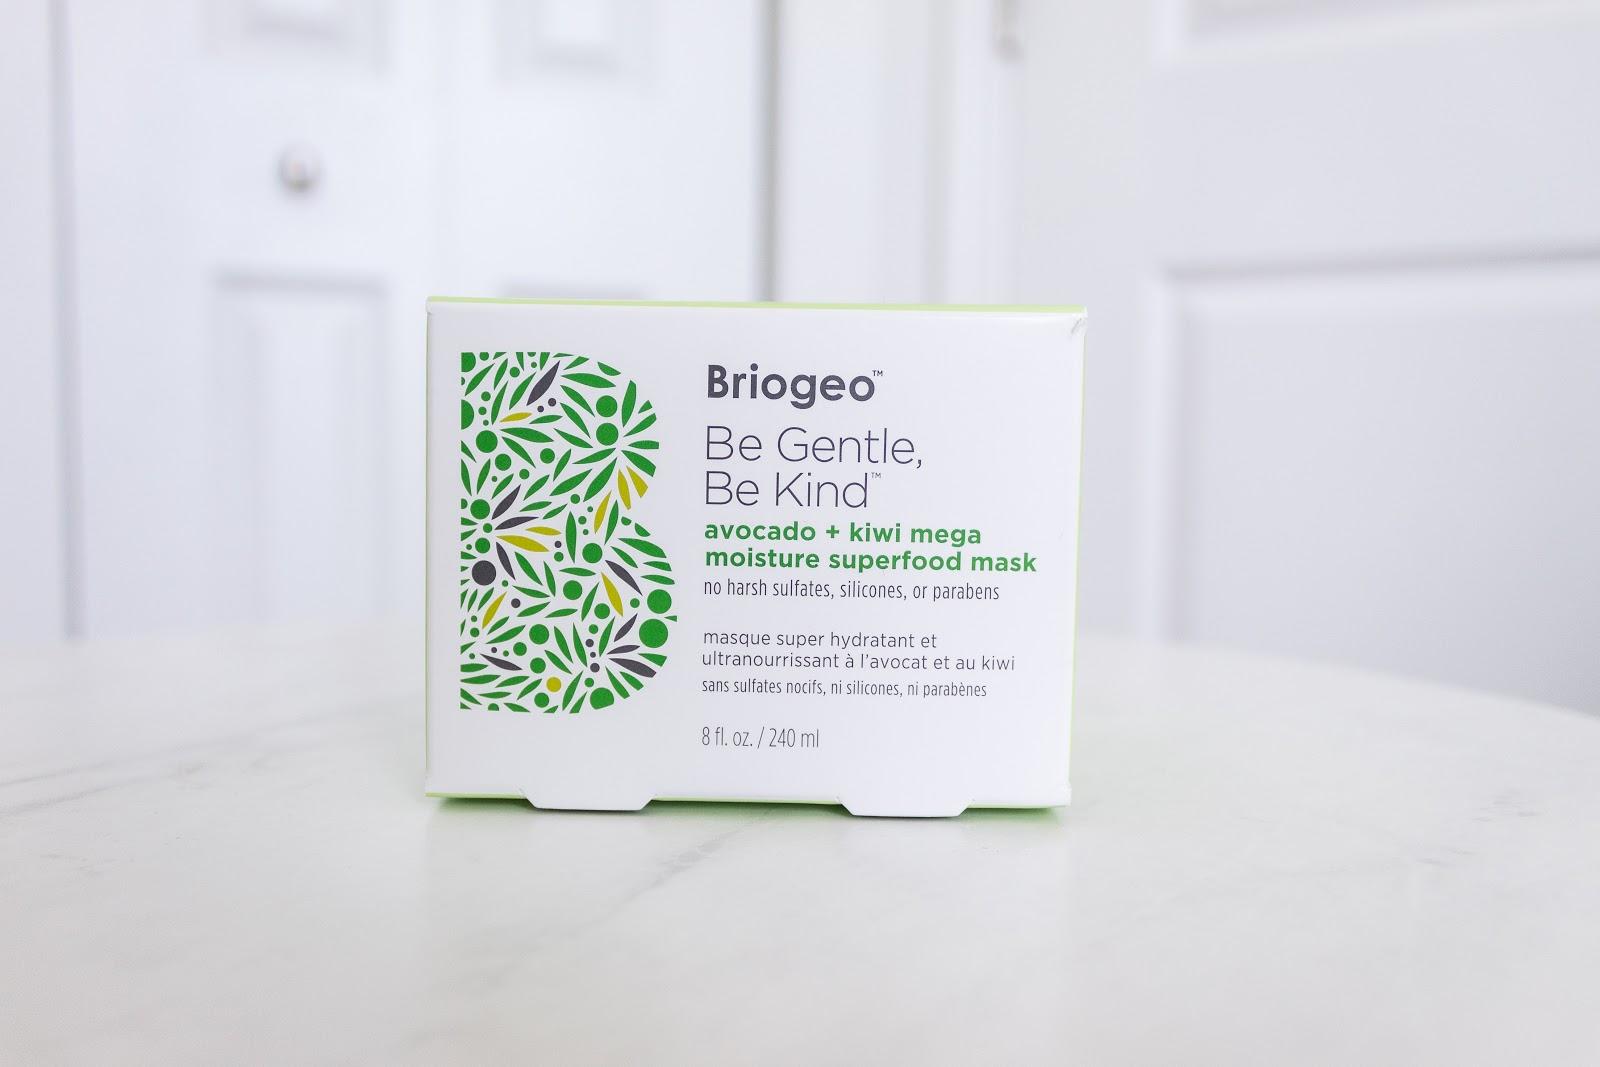 Briogeo Be Gentle. Be Kind. Patience & Pearls